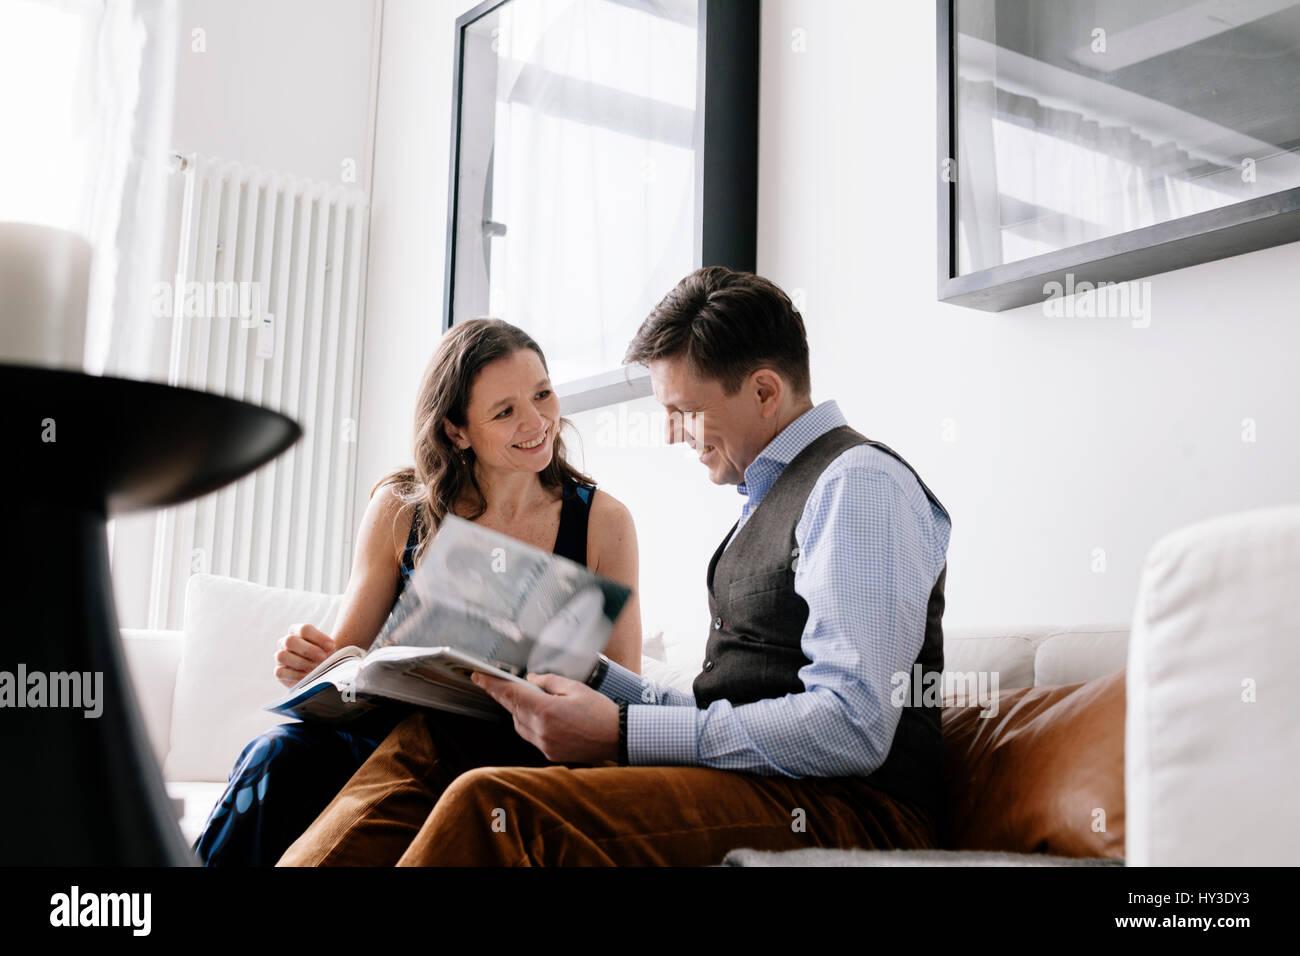 Deutschland, Paar sitzt auf dem Sofa und lesen Buch Stockbild